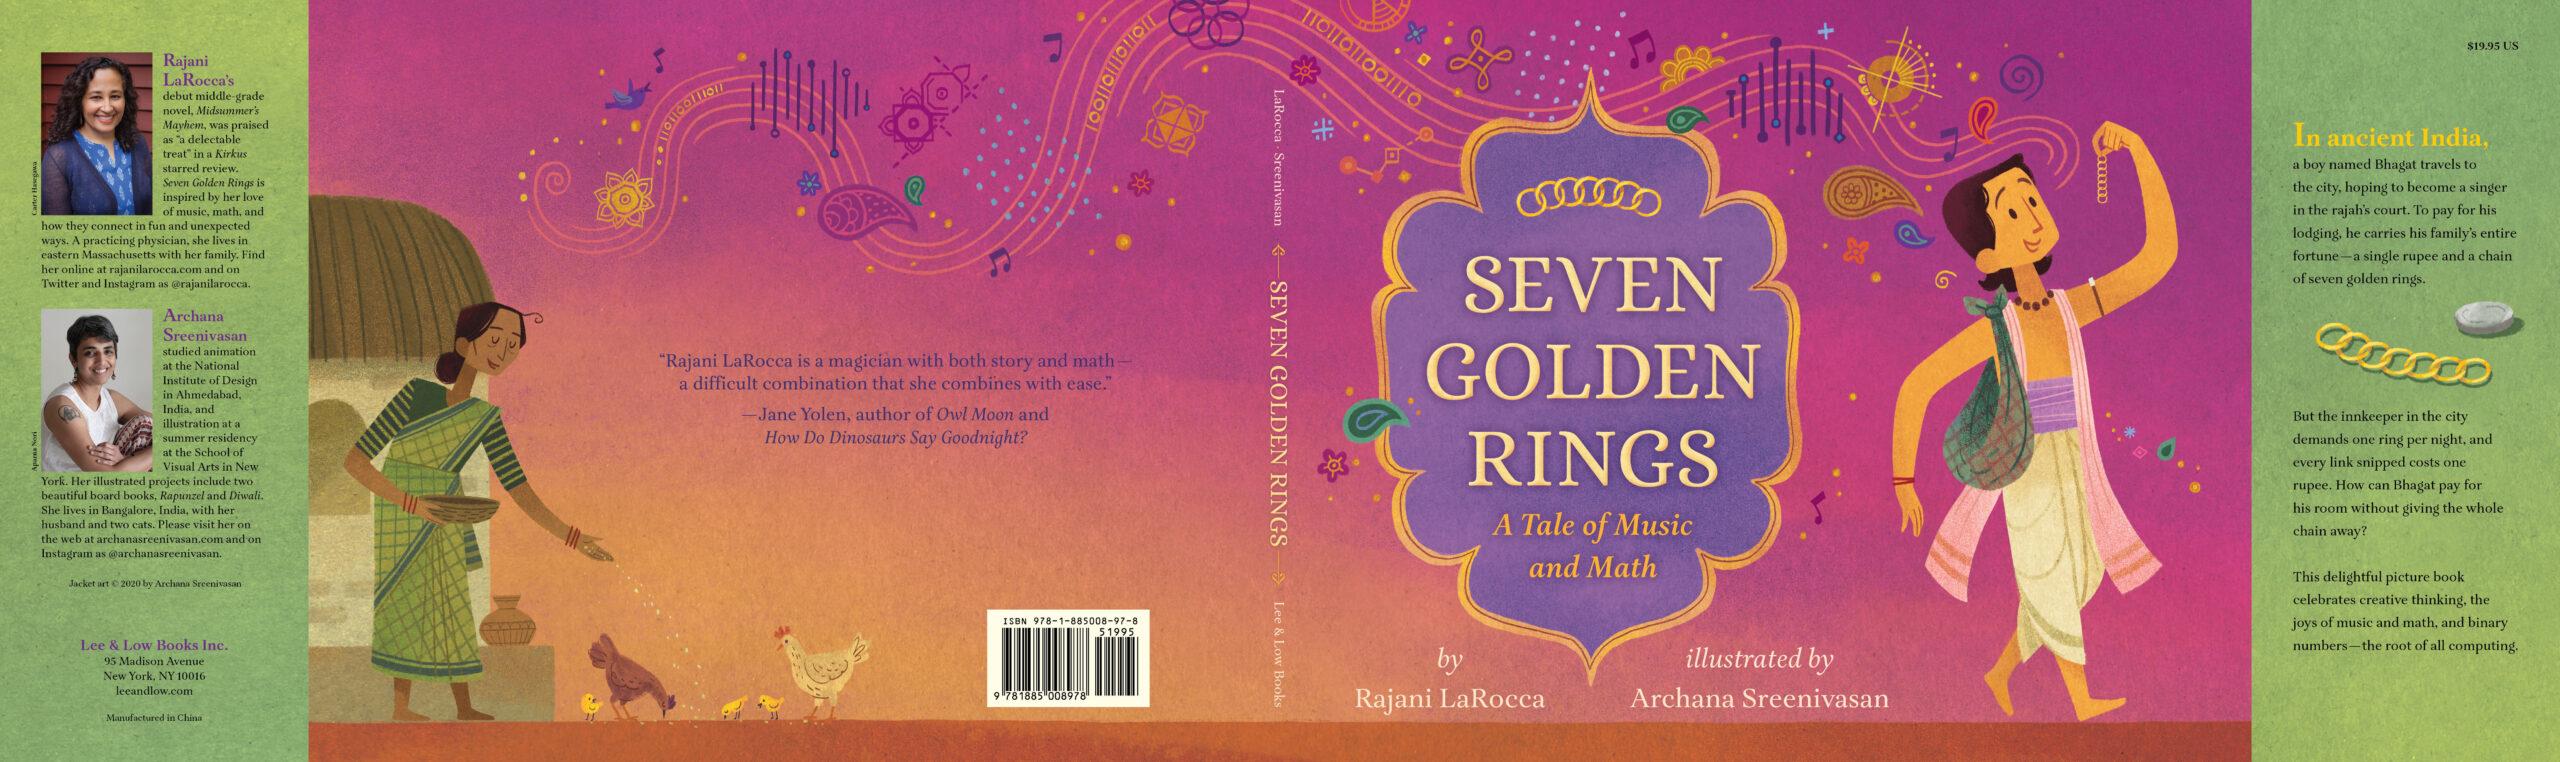 Full Jacket for SEVEN GOLDEN RINGS